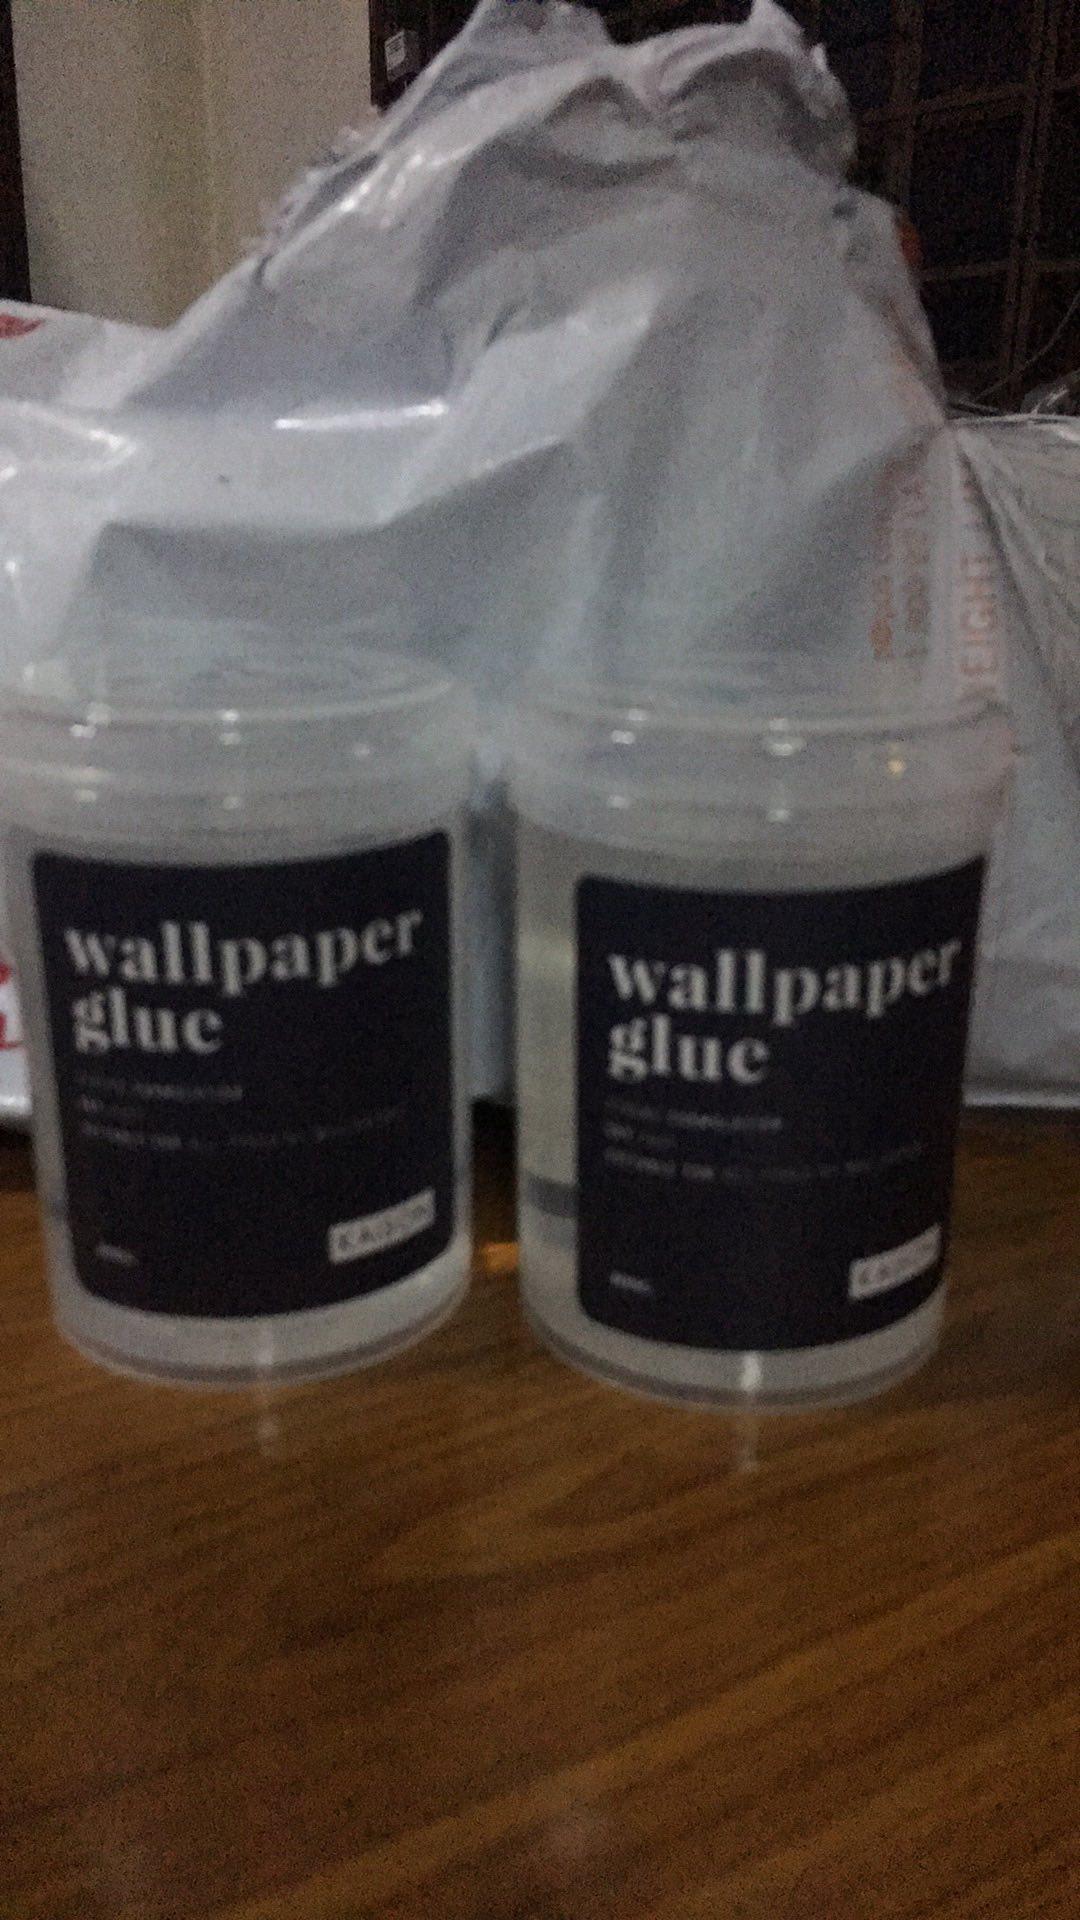 Kaison Wallpaper Glue. Wall paper ...